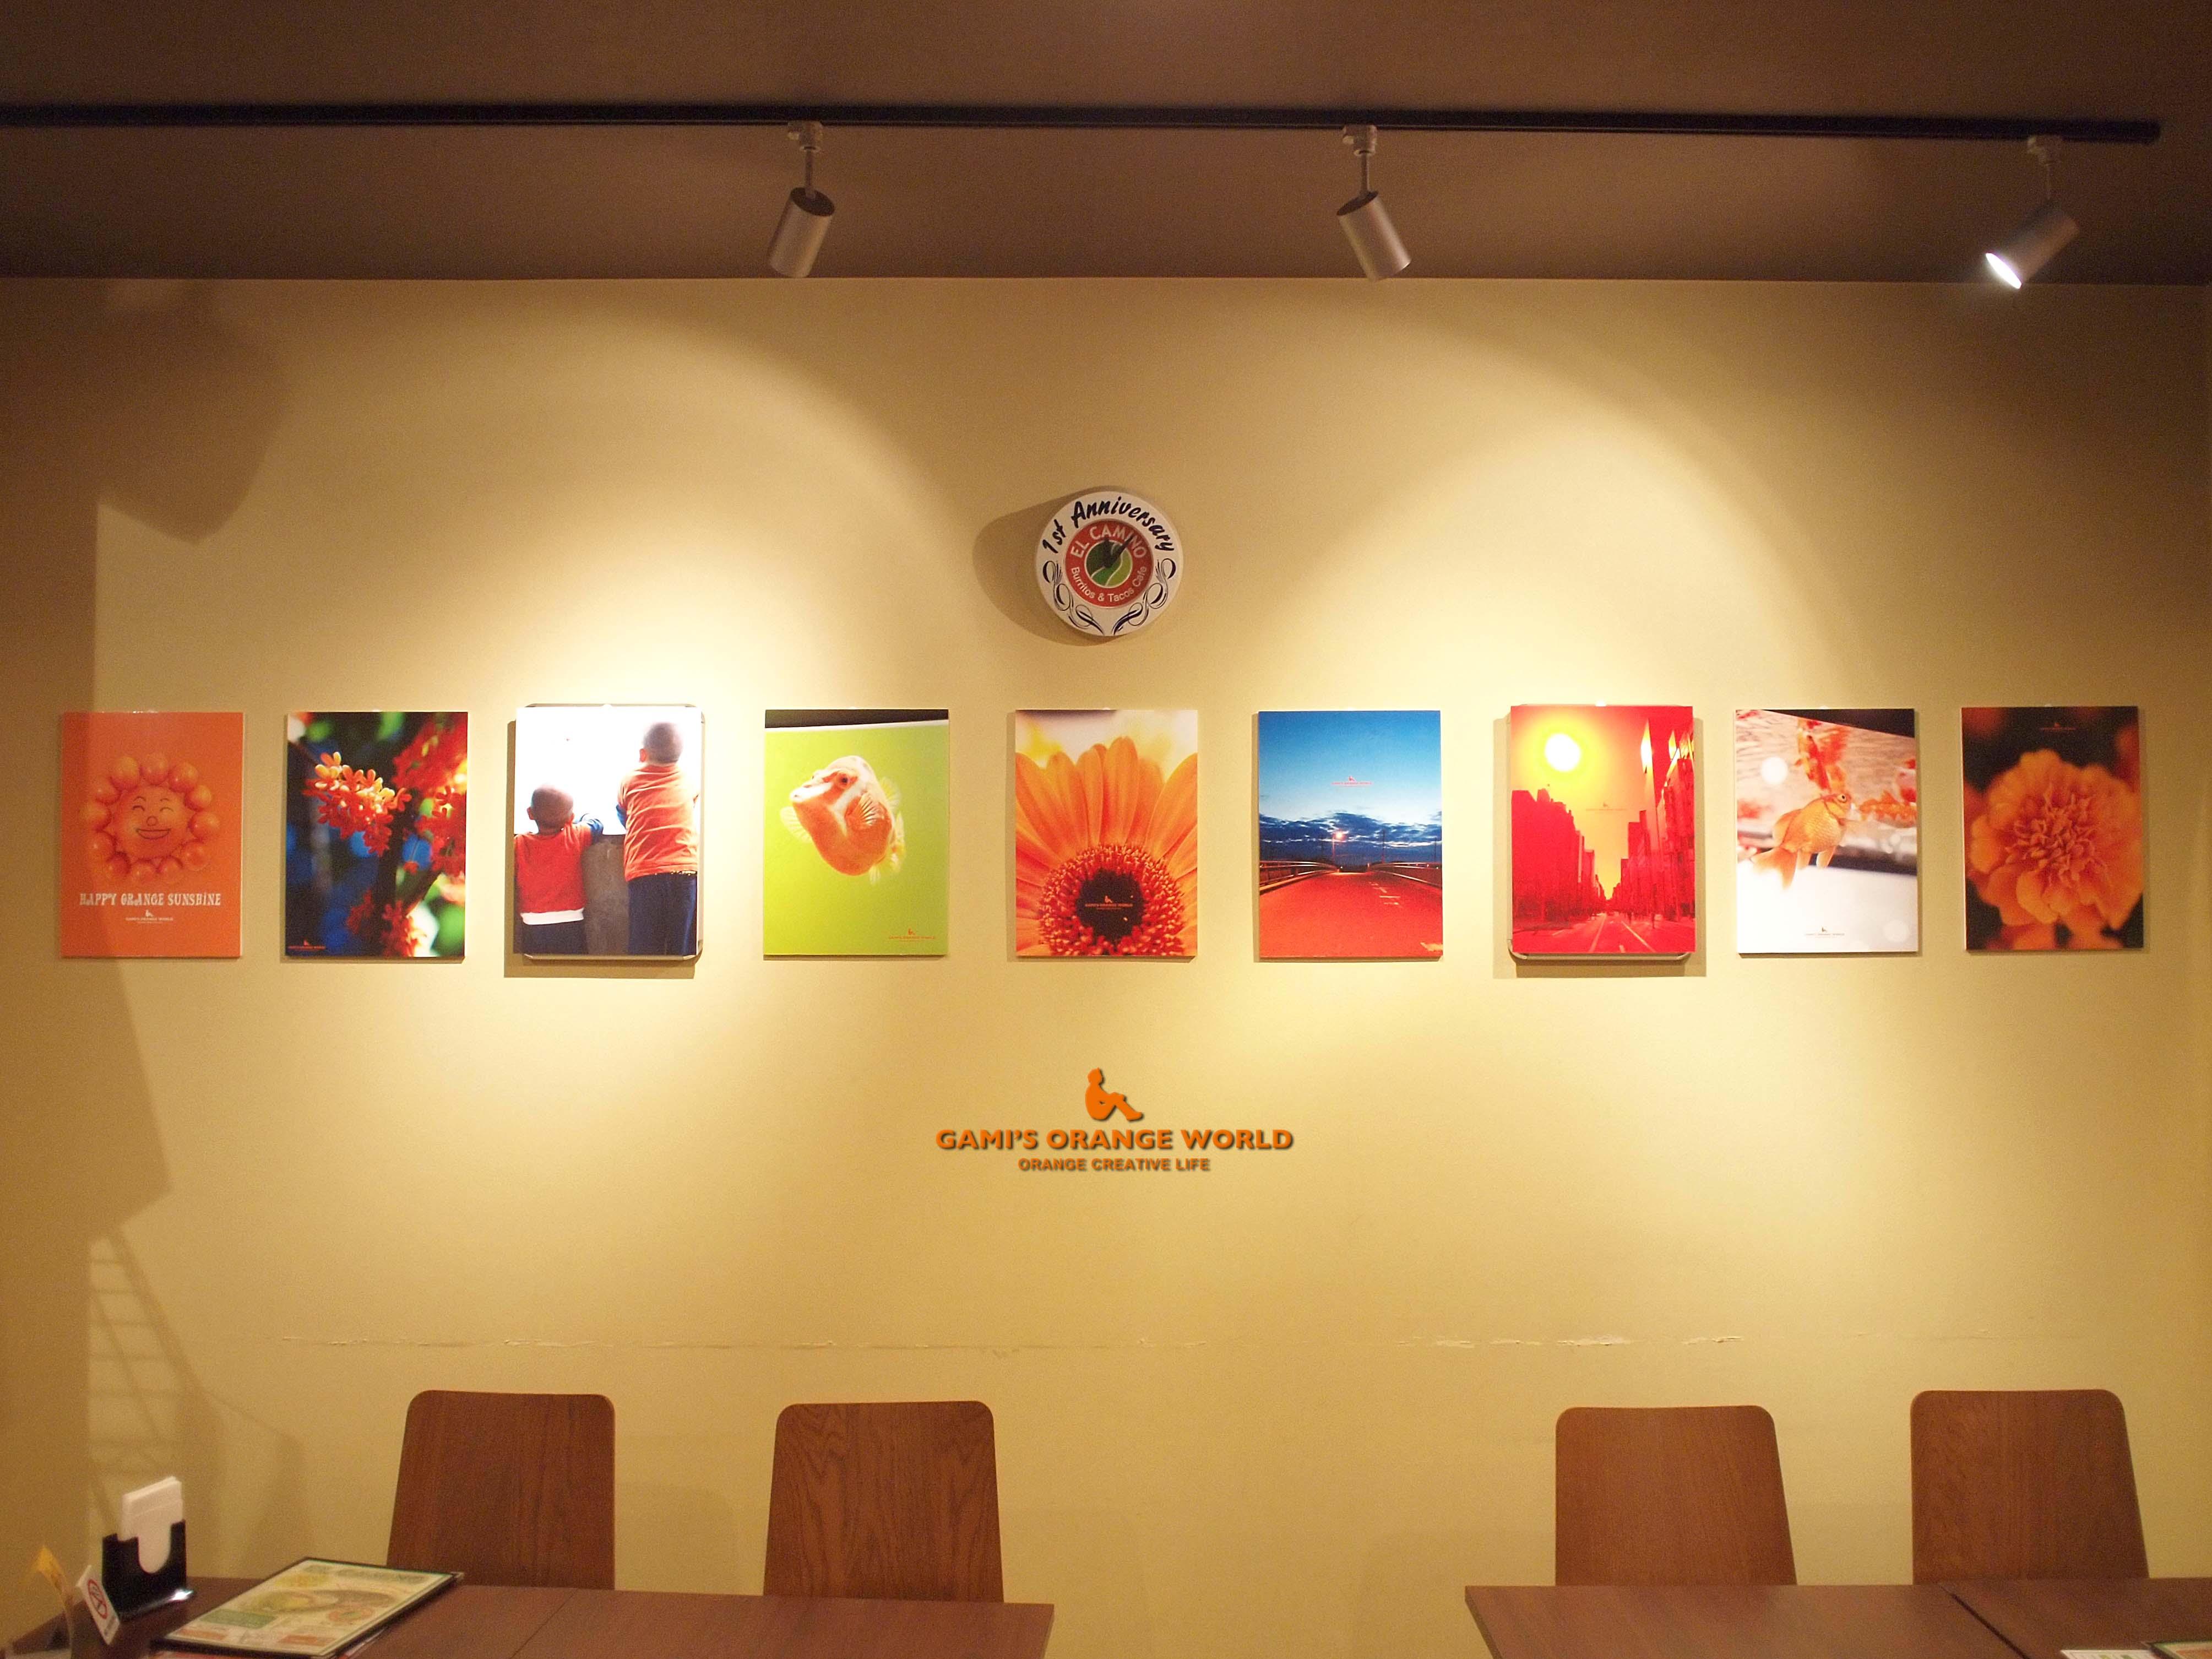 0580第三回オレンジの世界展展示写真1 のコピー.jpg